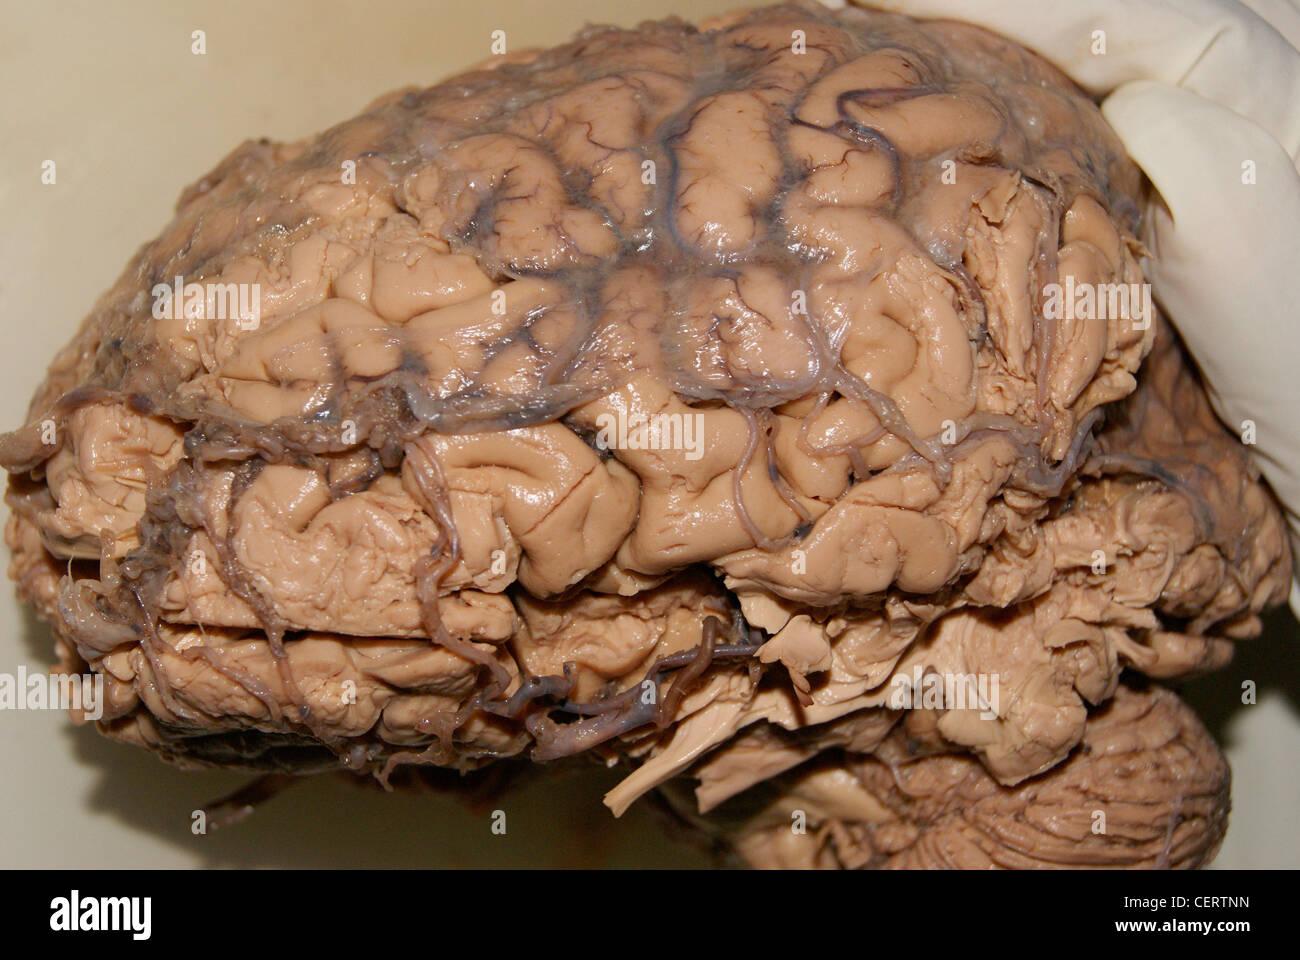 Cerebro Humano original espécimen capturado fuera en un vaso y la mano del médico con guantes en el bastidor. Imagen De Stock